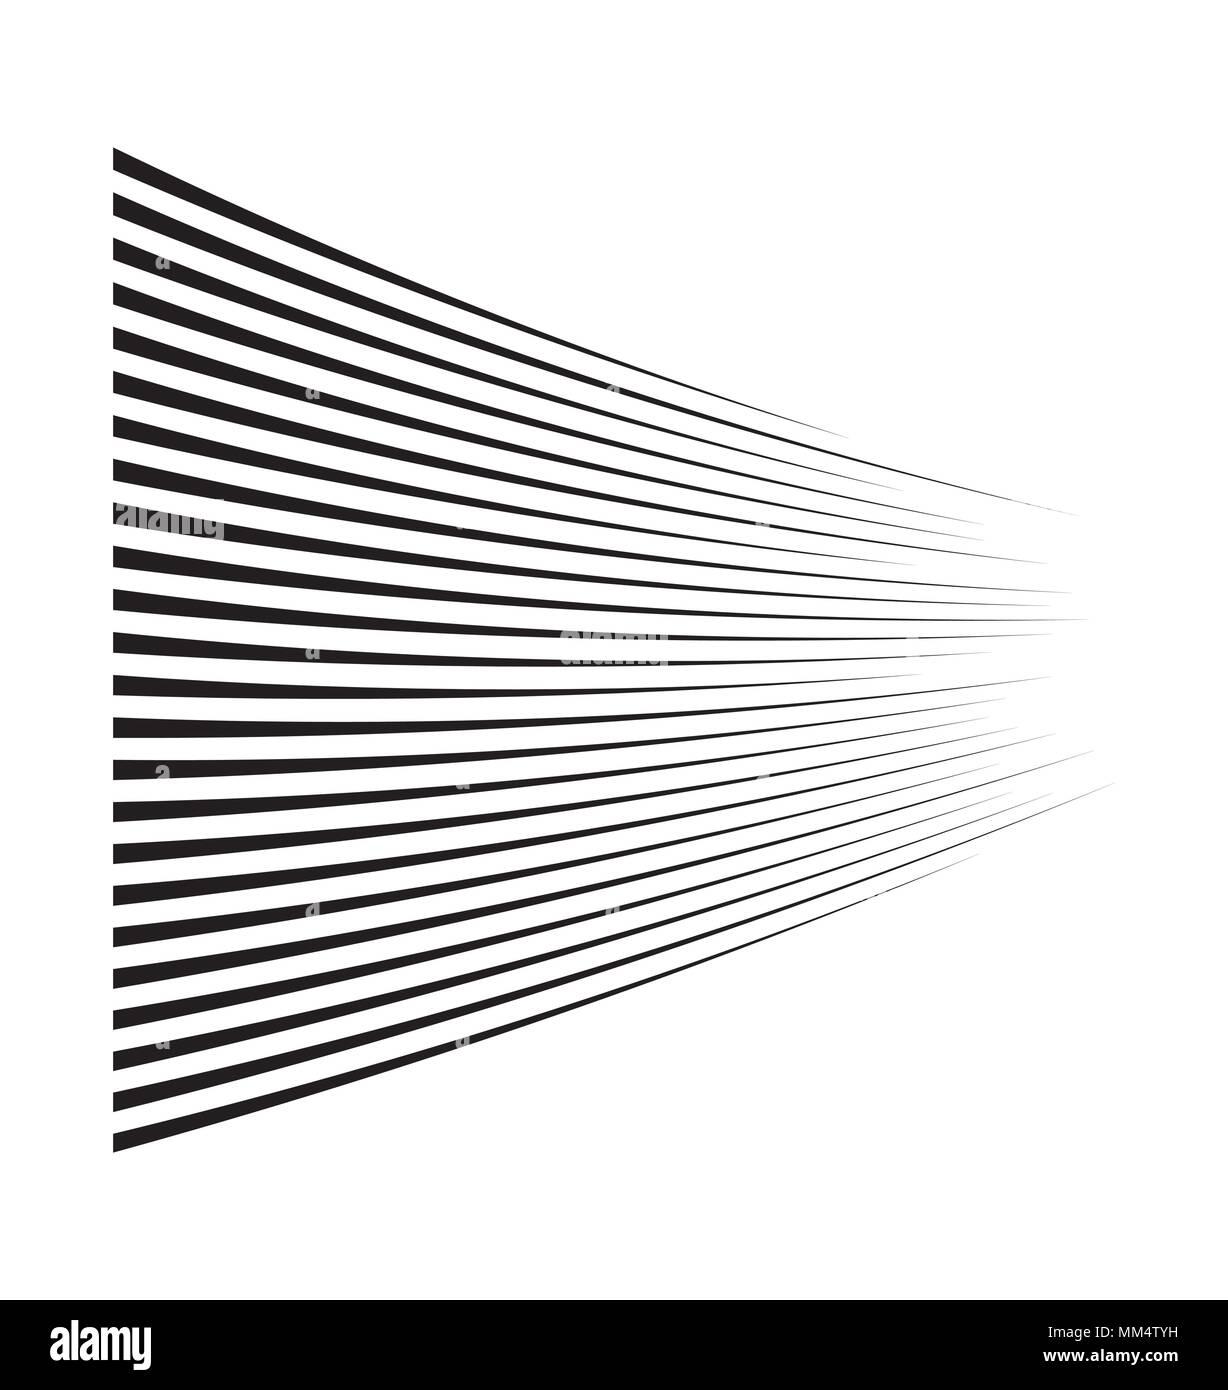 Velocidad de movimiento horizontal de líneas para comic book Imagen De Stock